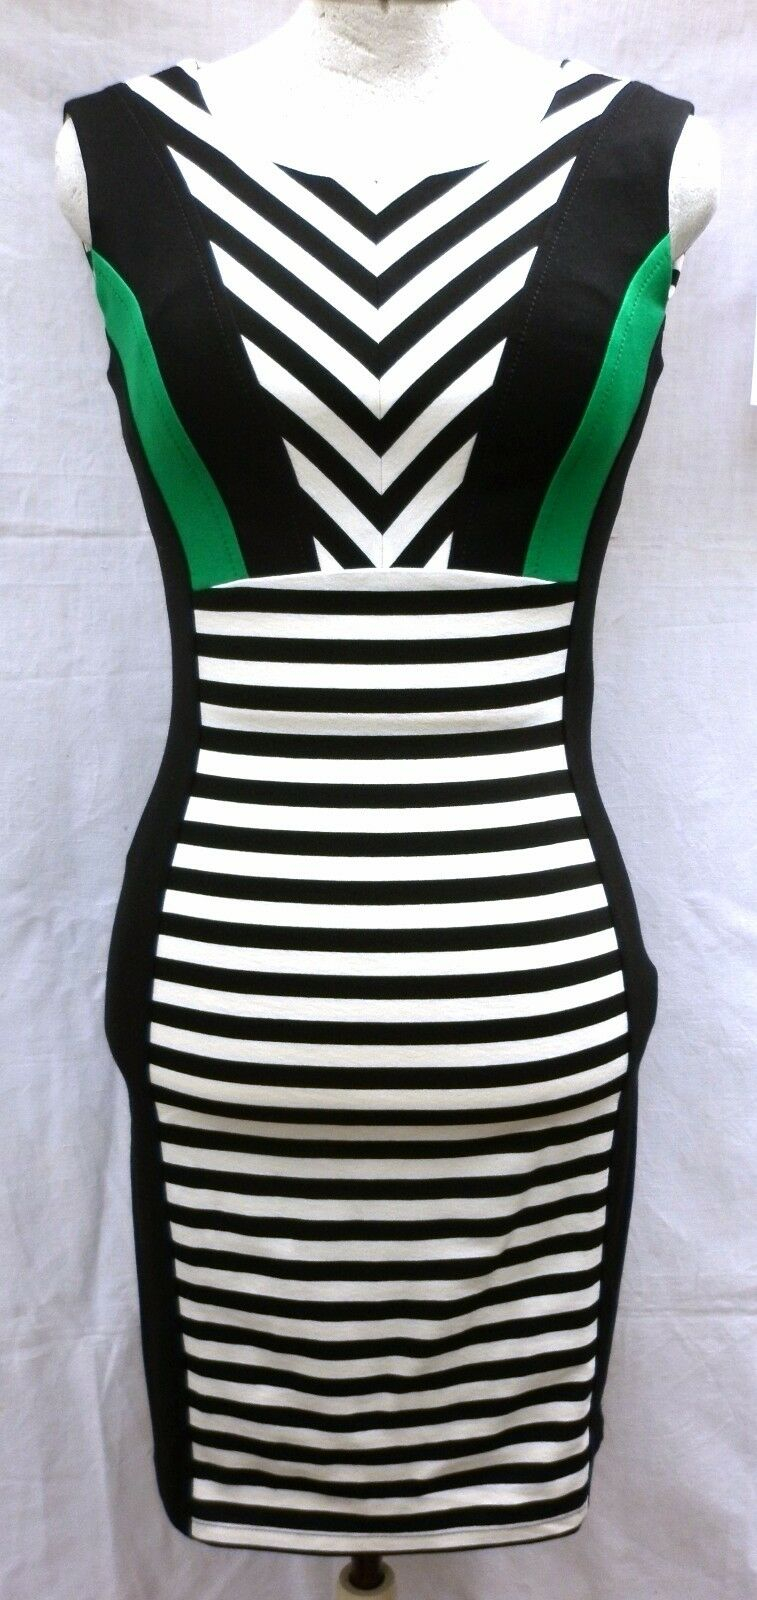 Jerseykleid 46 Streifen schwarz weiß grün KAPALUA Sommerkleid Kleid Wenz NP